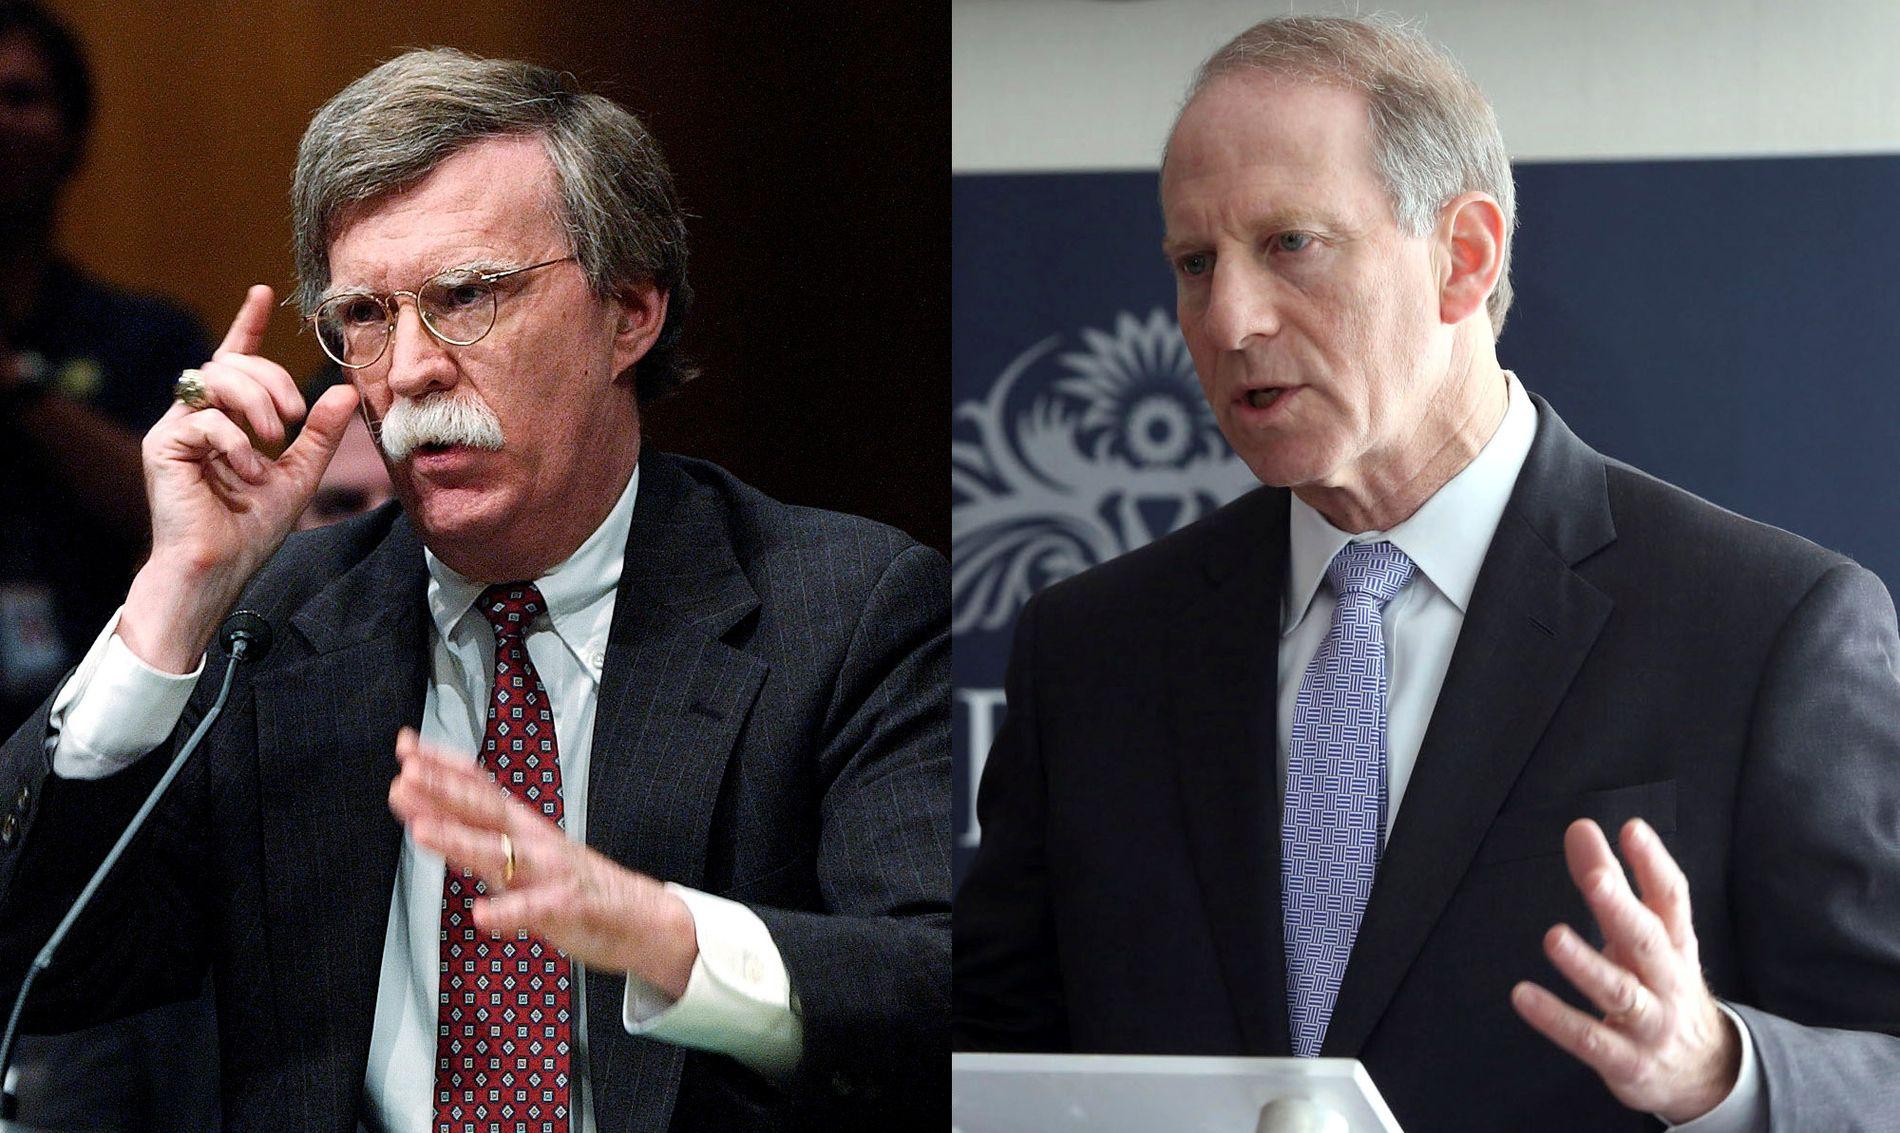 KANDIDATER: Tidligere FN-ambssadør John Bolton (67), til venstre, og Richard Haass (65) er begge nære utenrikspolitiske rådgivere for Donald Trump. En av dem kan bli utenriksminister.